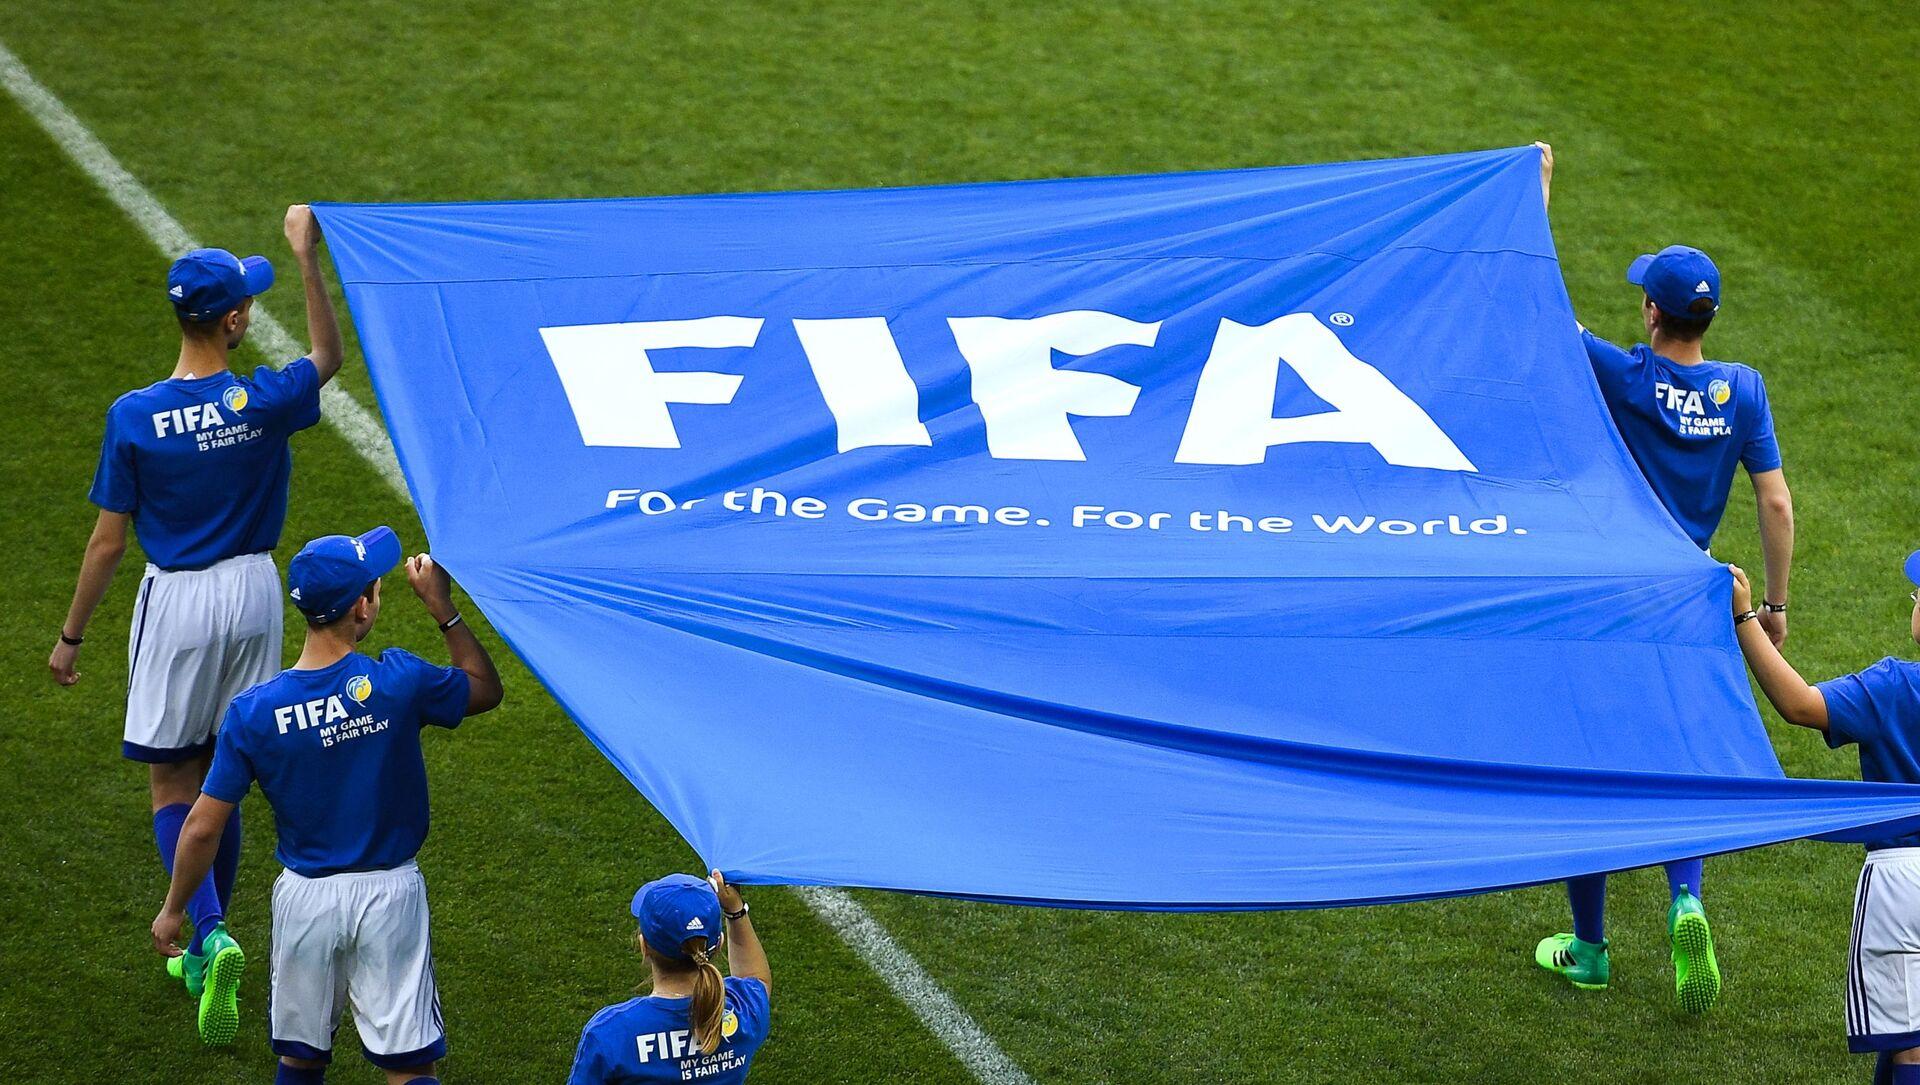 Cờ FIFA trên sân bóng đá. - Sputnik Việt Nam, 1920, 08.04.2021